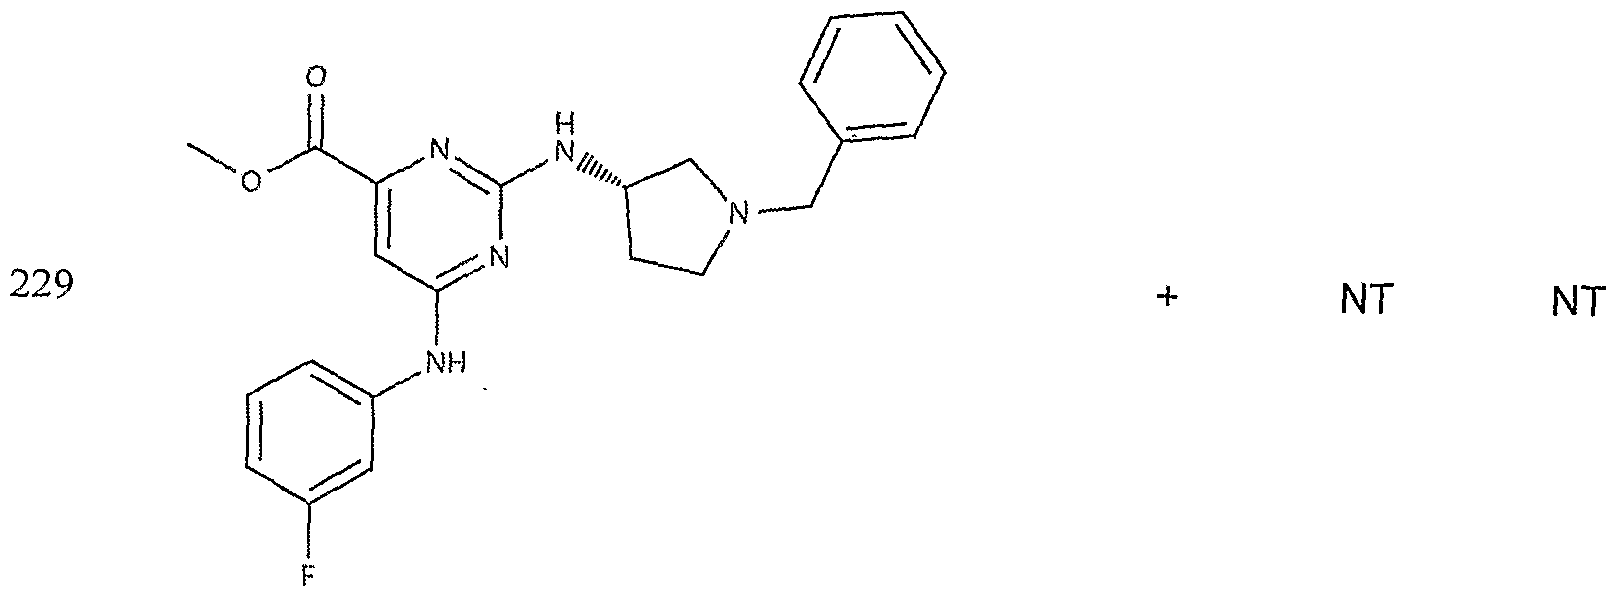 Figure imgf000107_0001